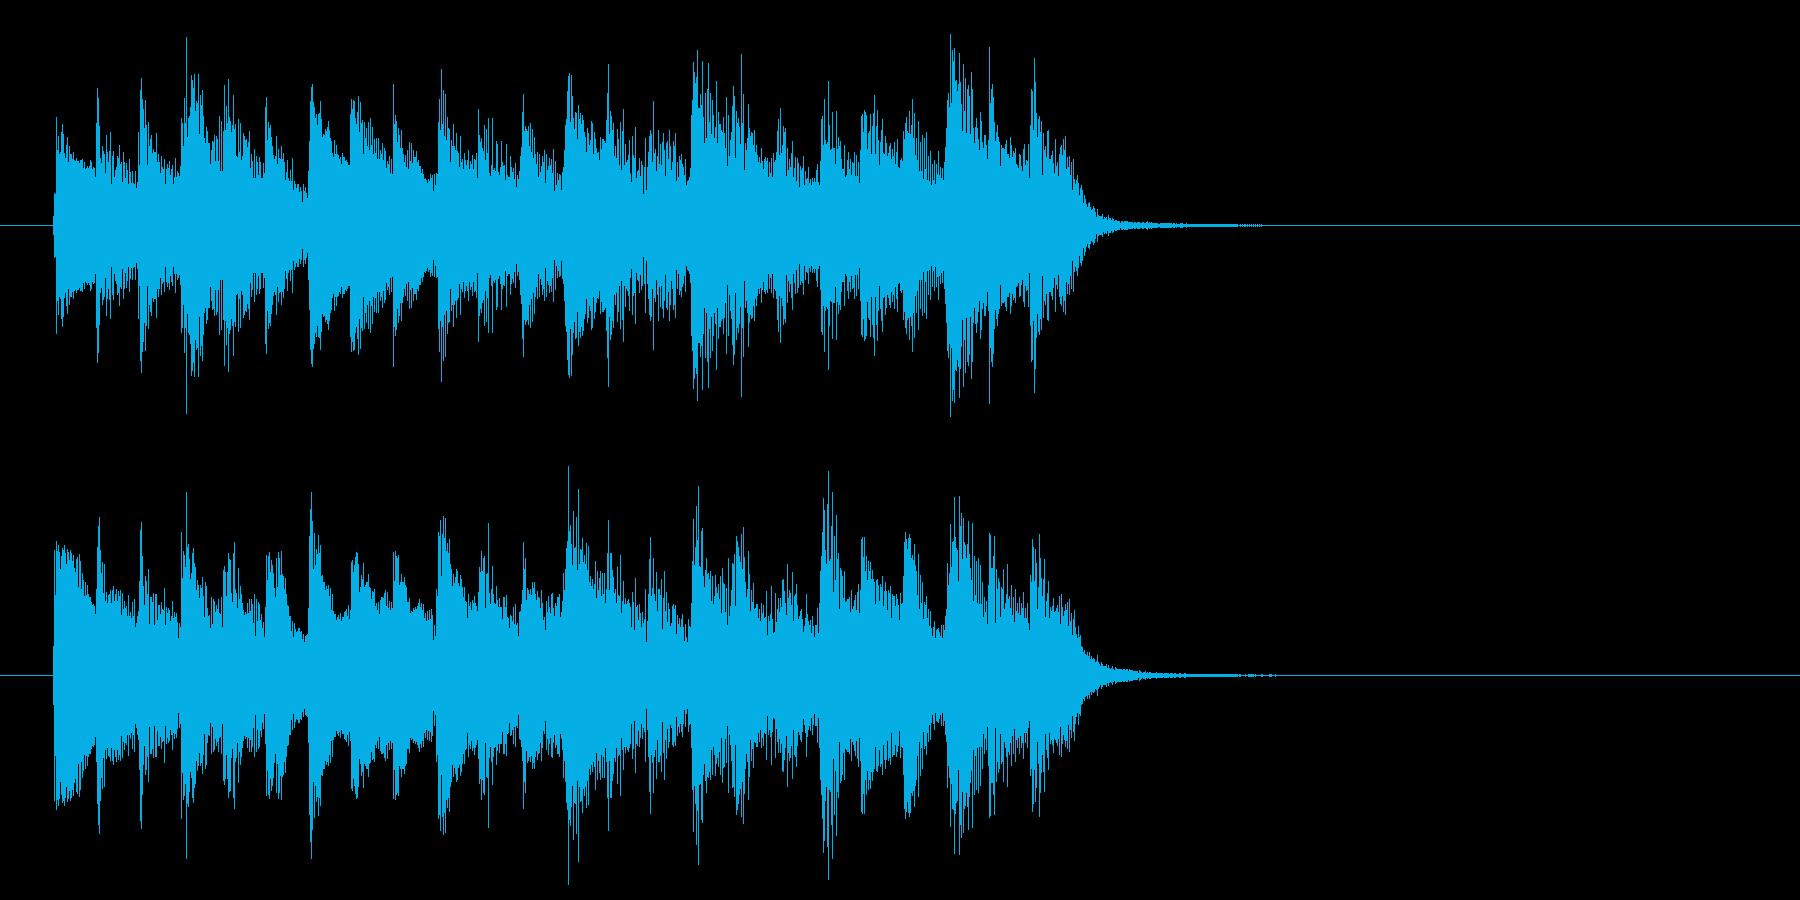 神秘的な森の中のようなBGM_ループ用2の再生済みの波形